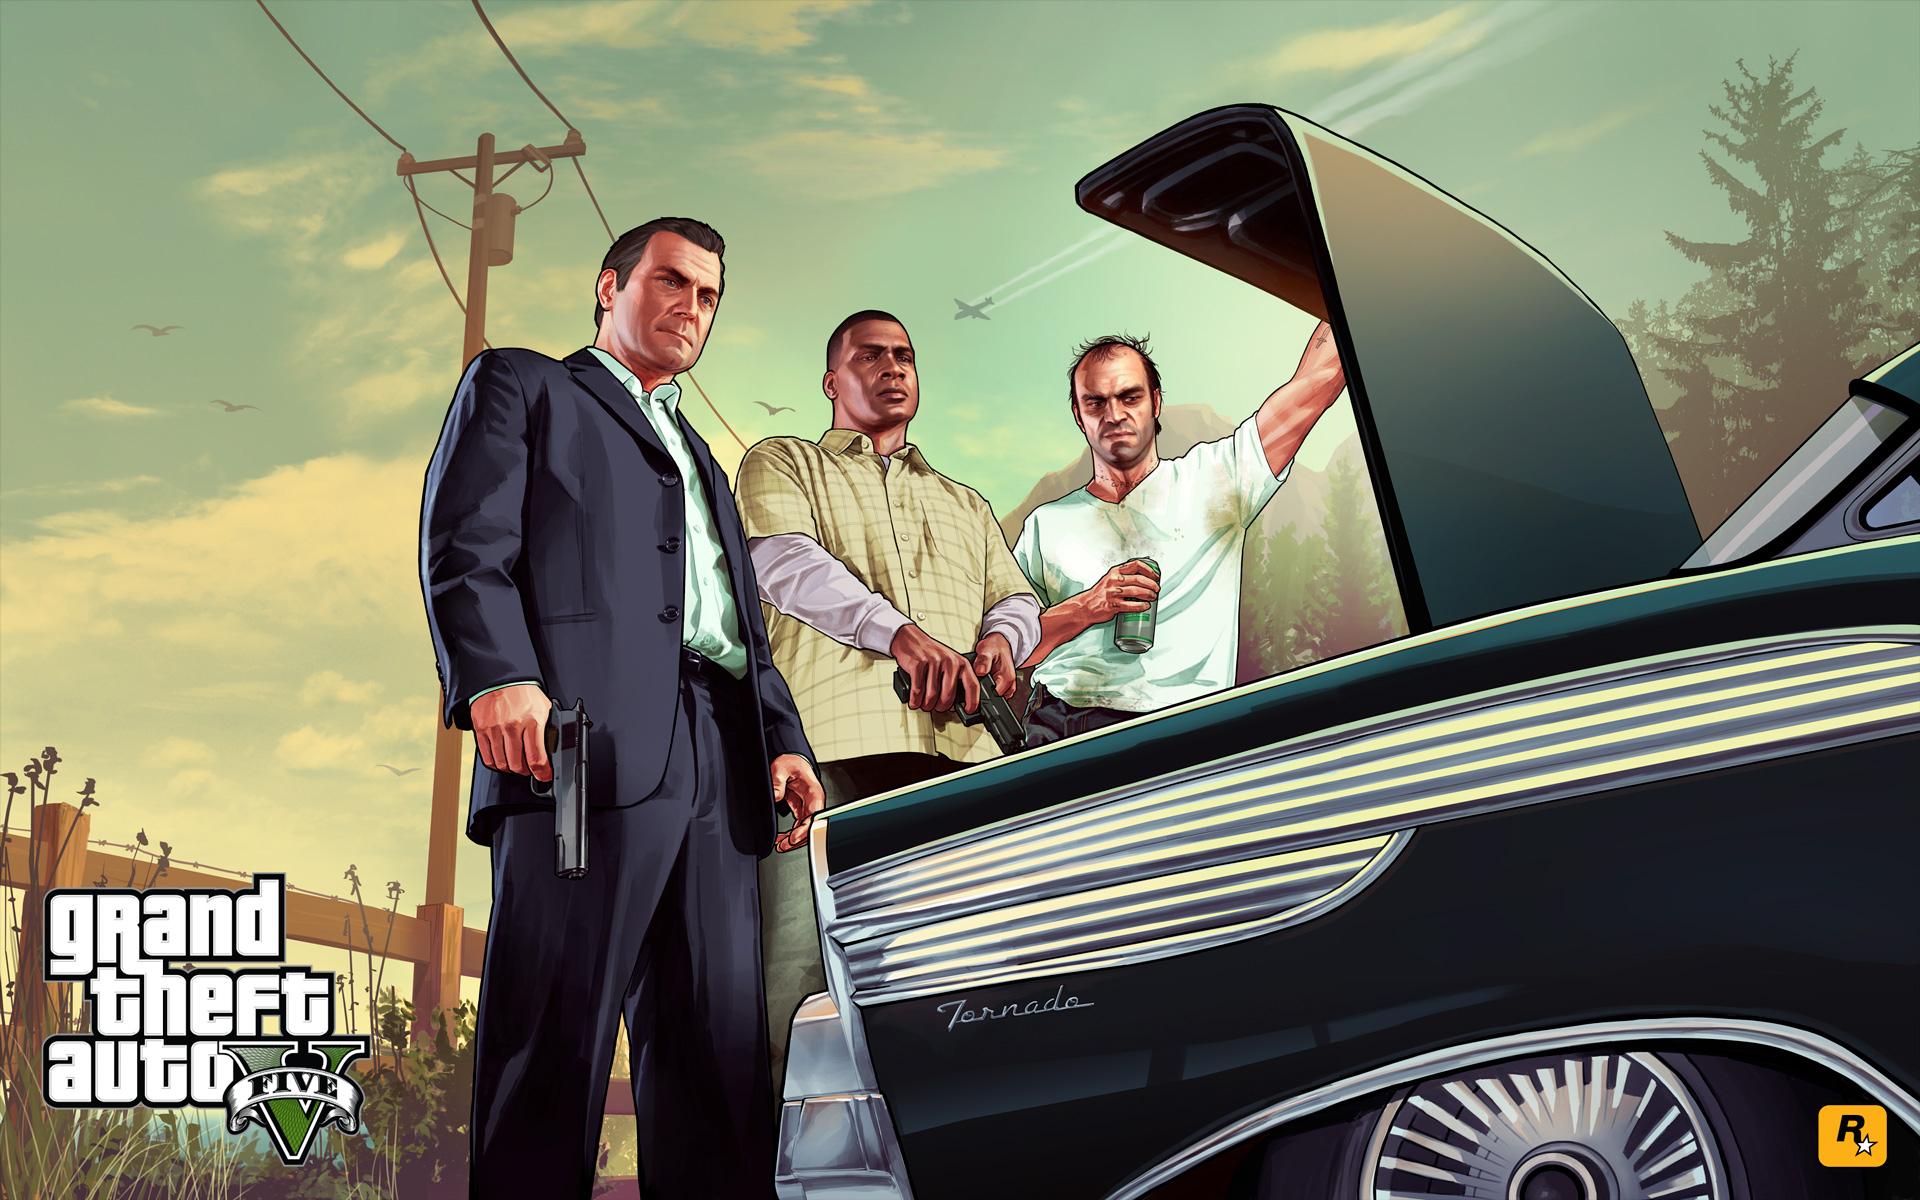 Telecharger Gta 5 Pc Gratuit   Télécharger Grand Theft Auto à Telecharger Jeux Gratuit Voiture Pc